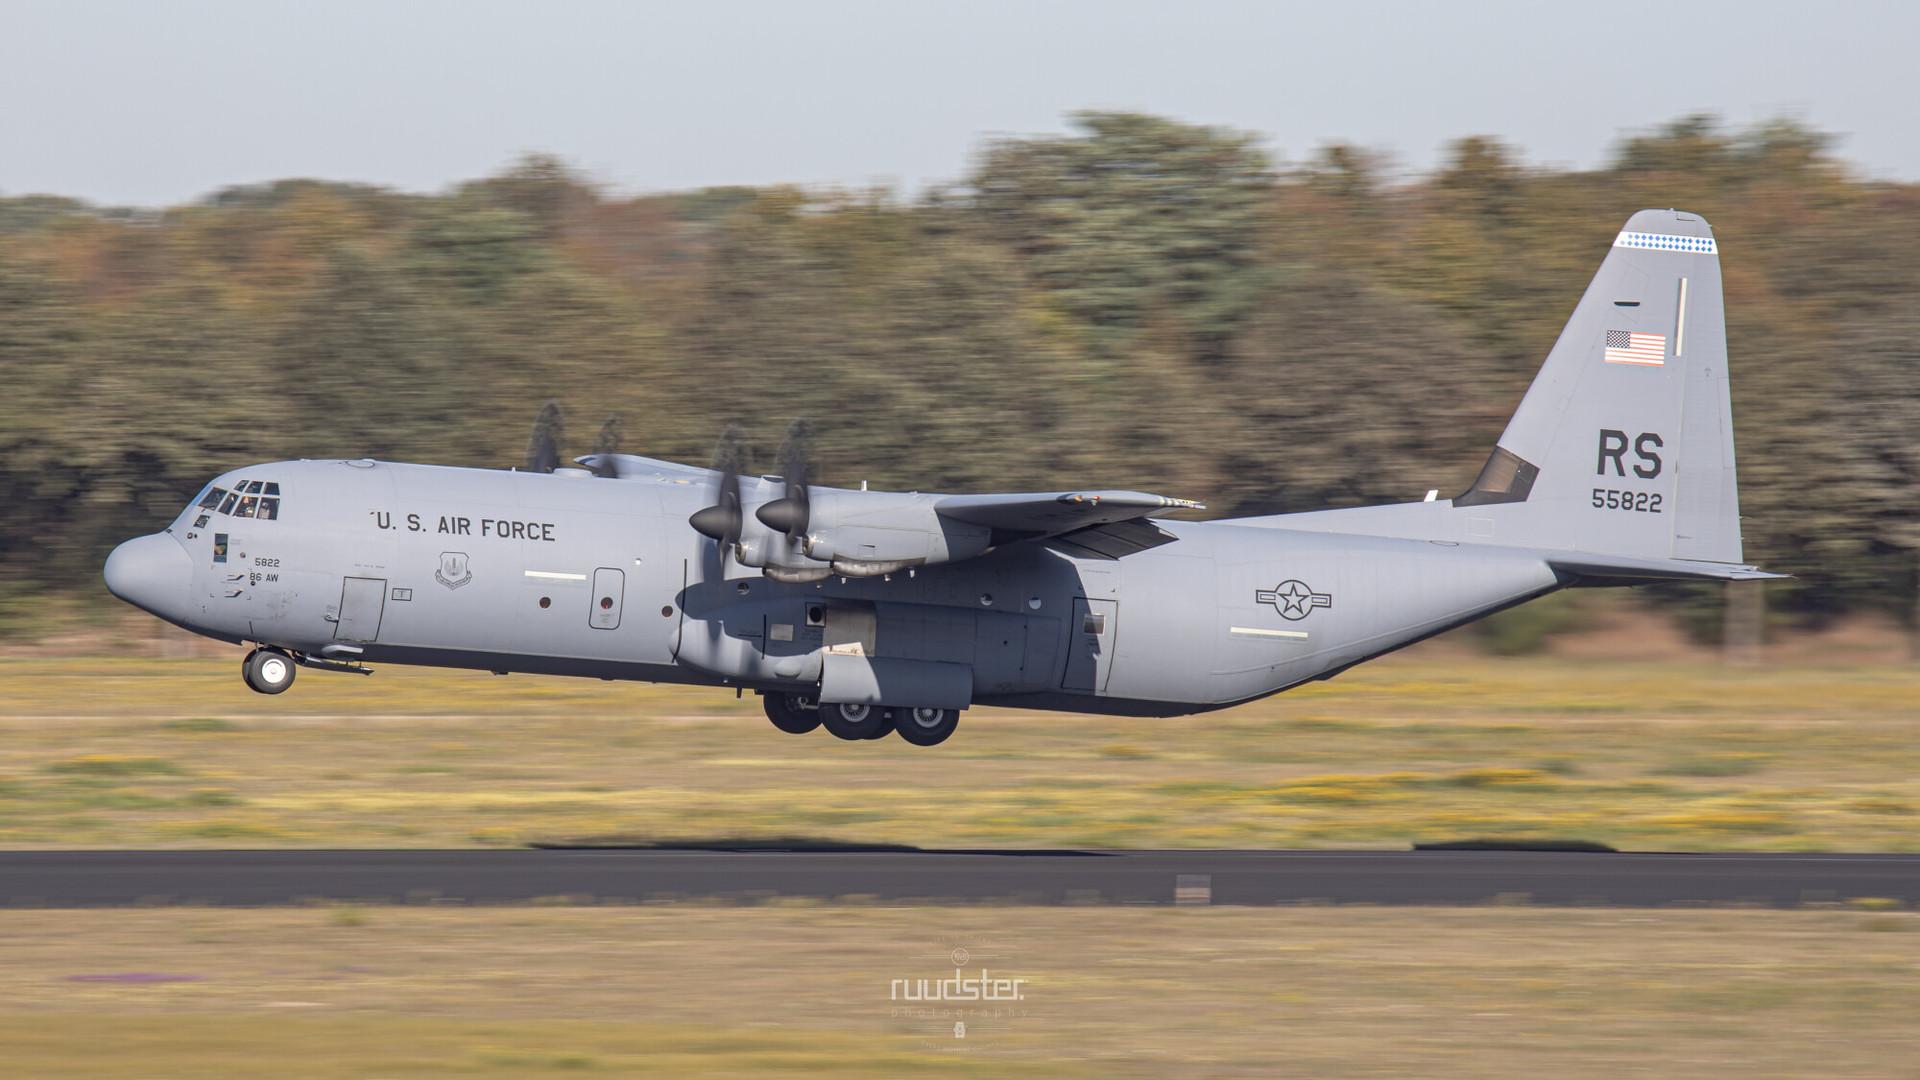 05-5822   Build: 2005 - Lockheed C-130J-30